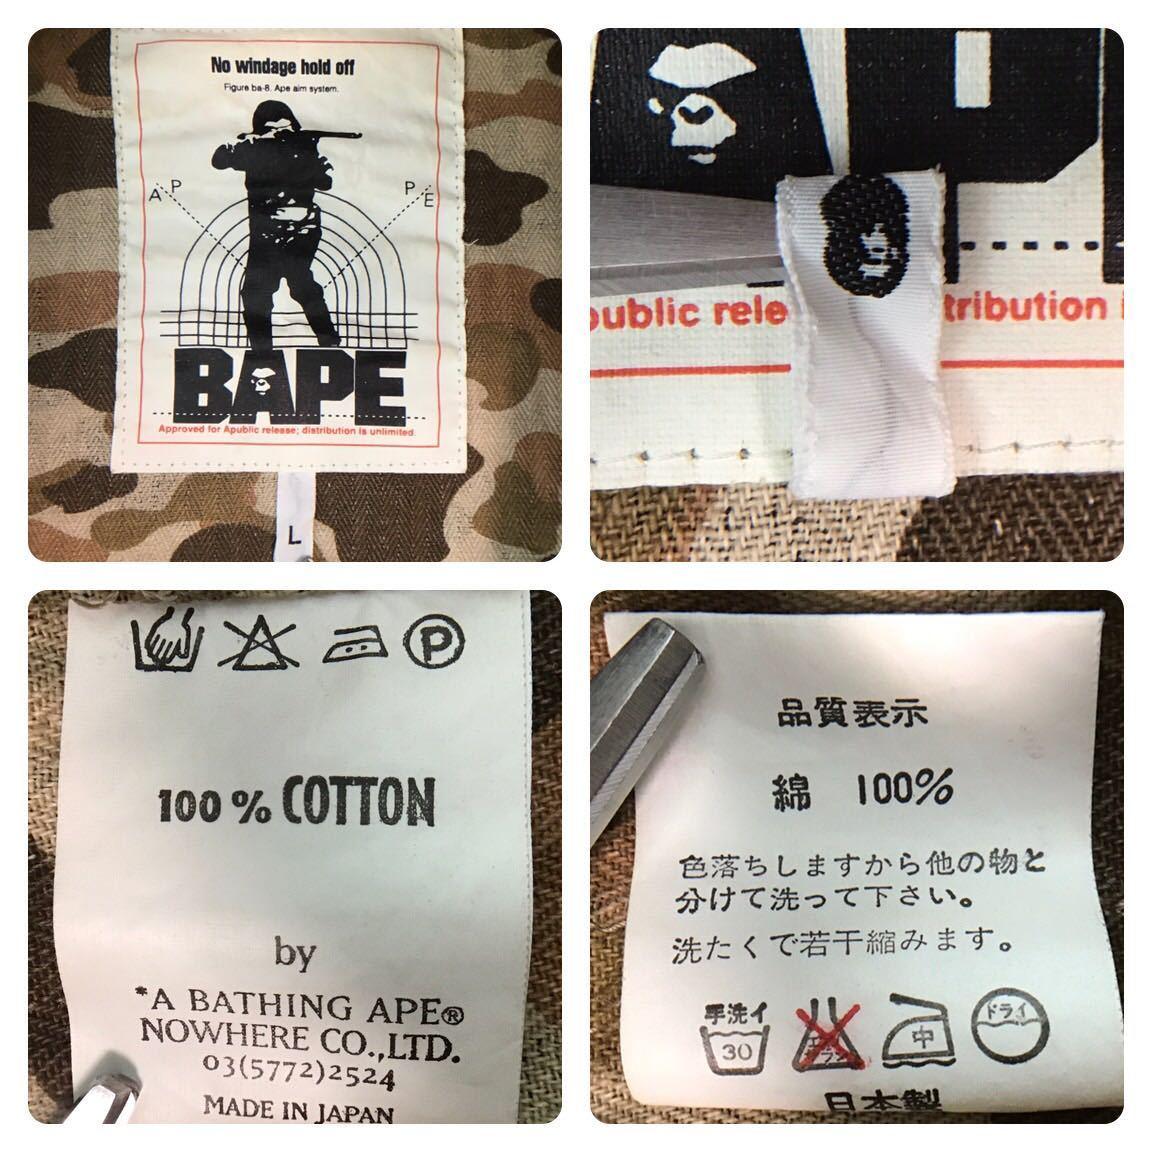 ★奥菜恵着用モデル★ BAPE camo ジャケット Lサイズ a bathing ape jacket エイプ ベイプ アベイシングエイプ 迷彩 vintage 2001年 nigo